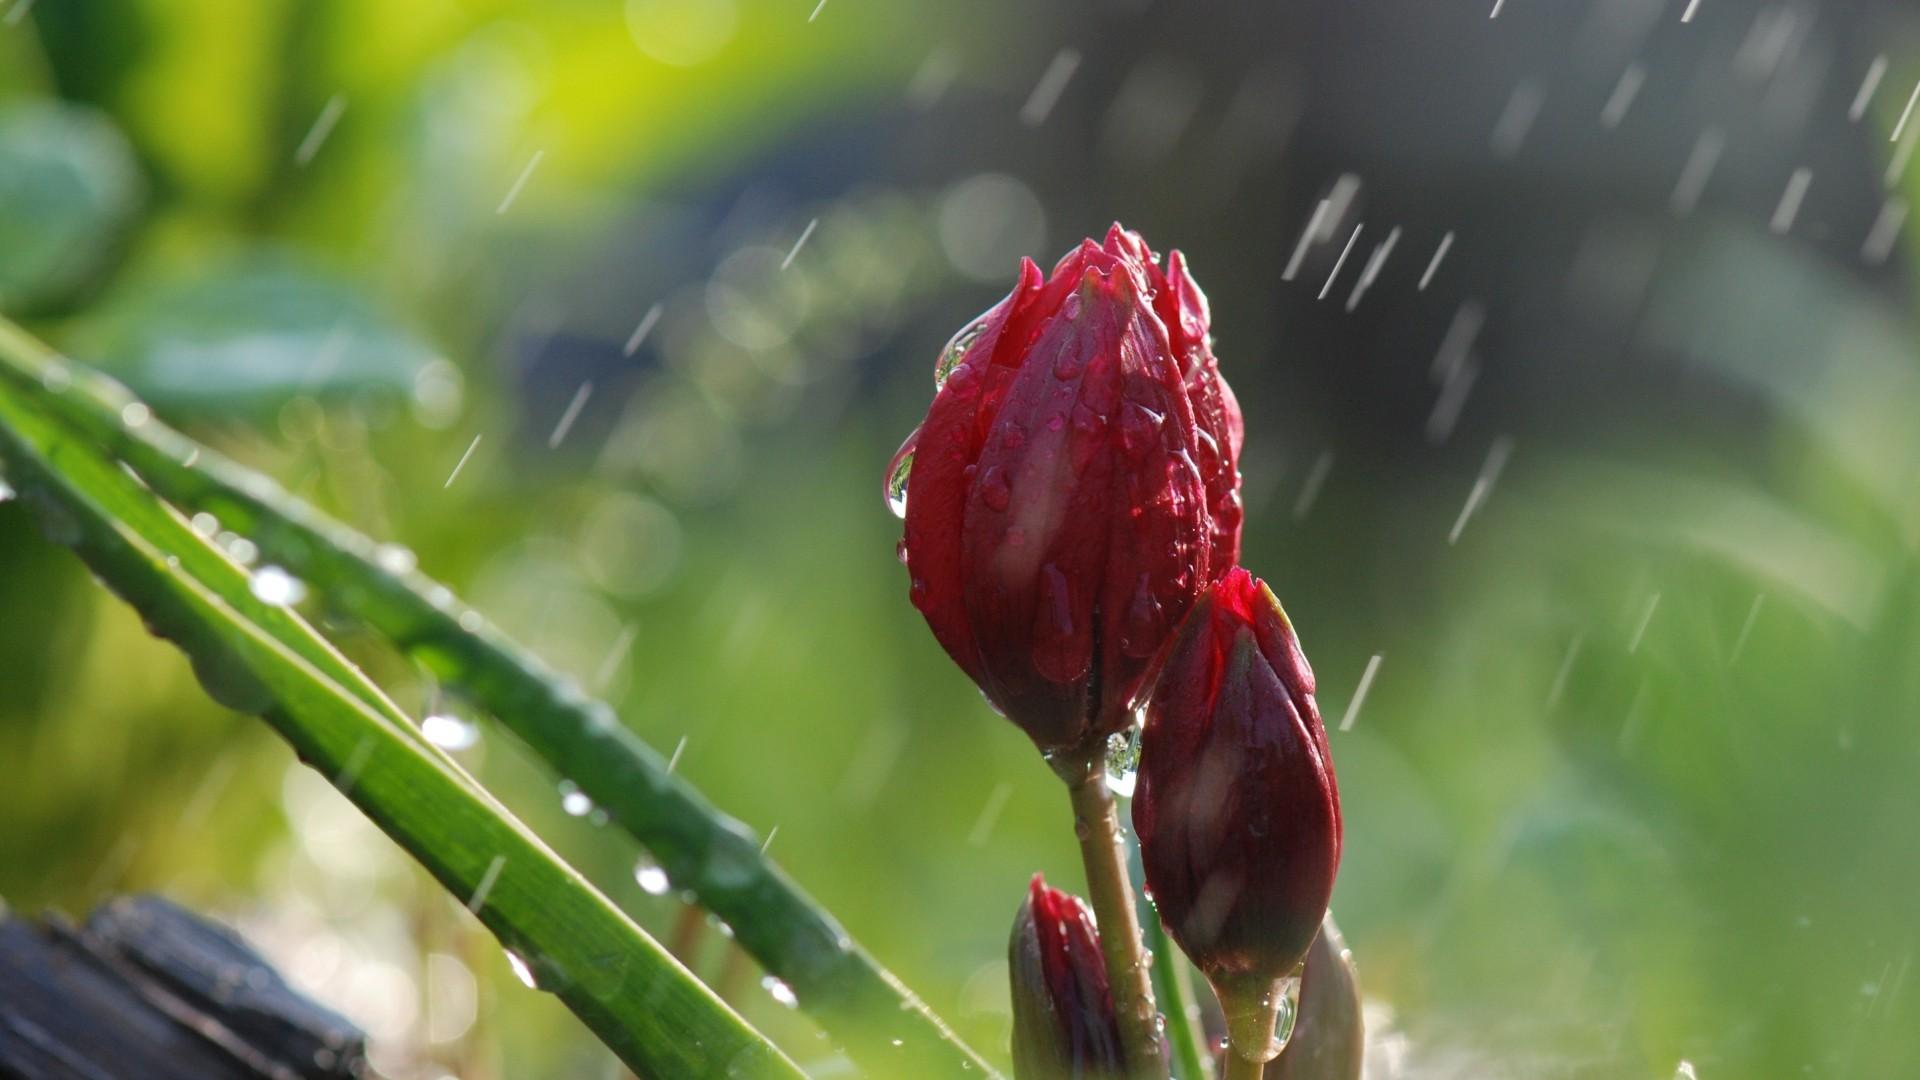 Hình ảnh bông hoa dưới trời mưa đẹp